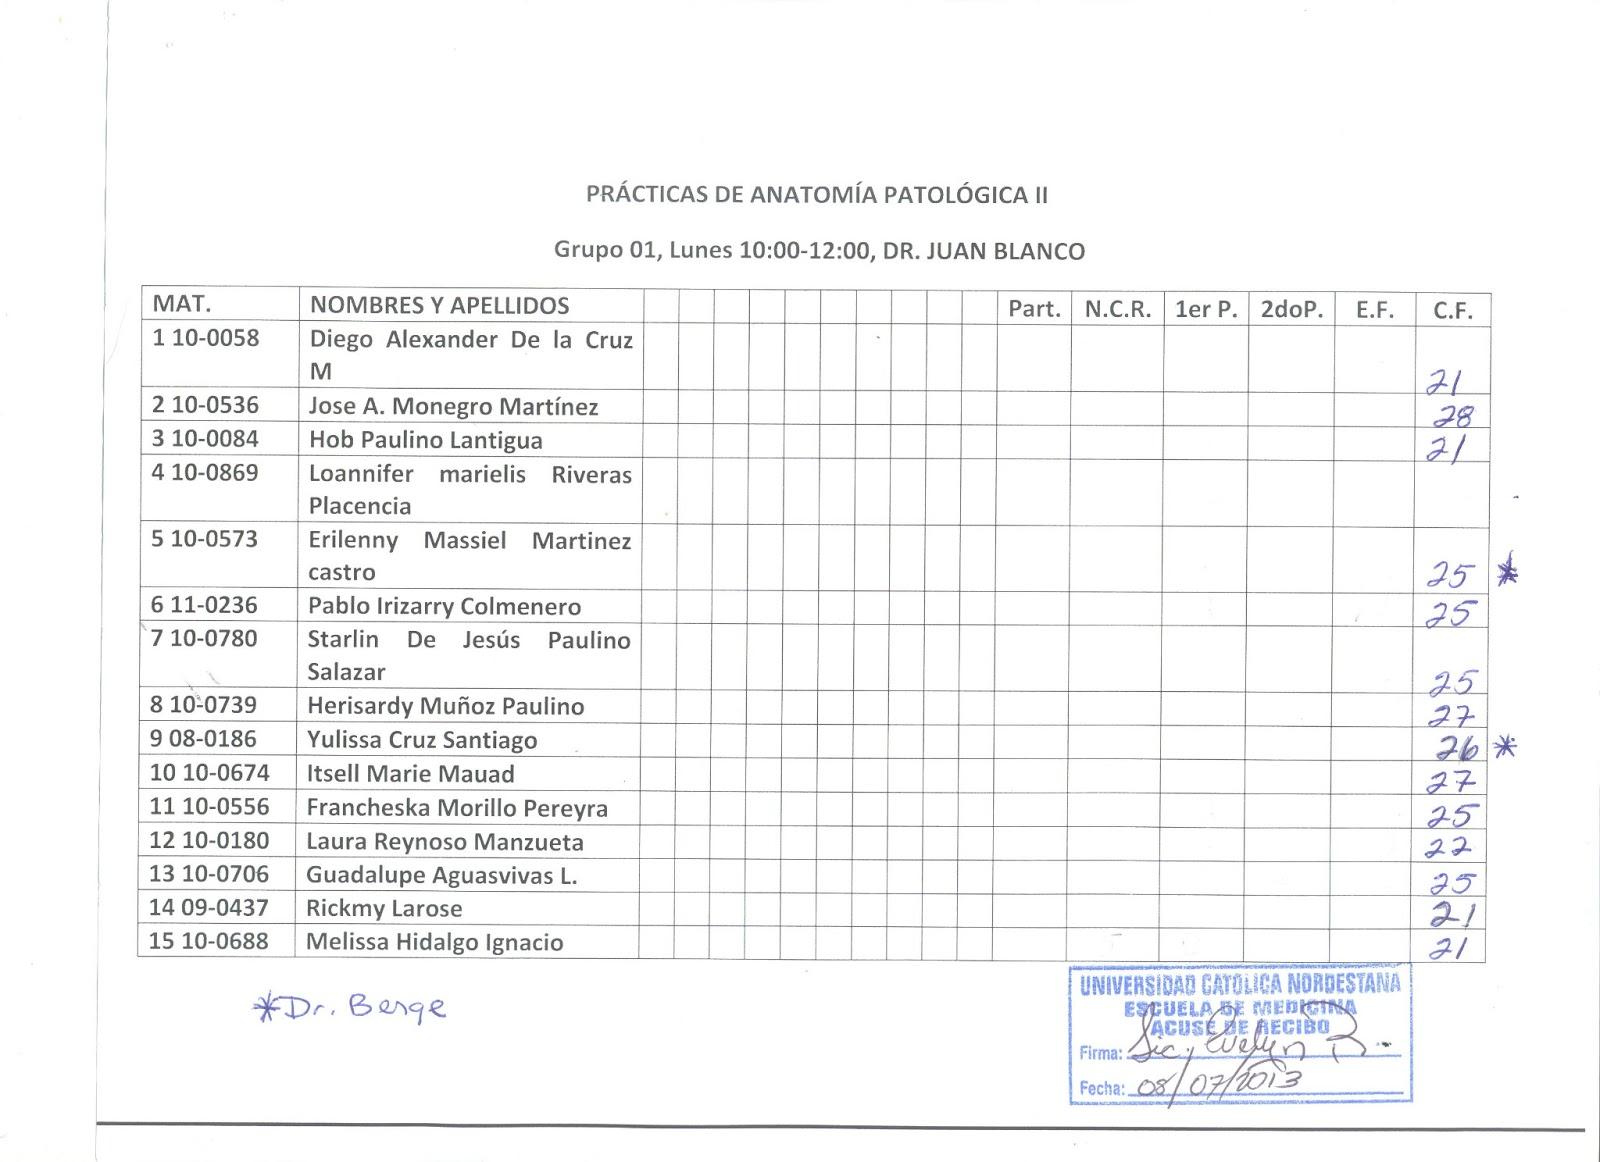 Escuela de Medicina UCNE: CALIFICACIONES PRÁCTICA ANATOMÍA ...